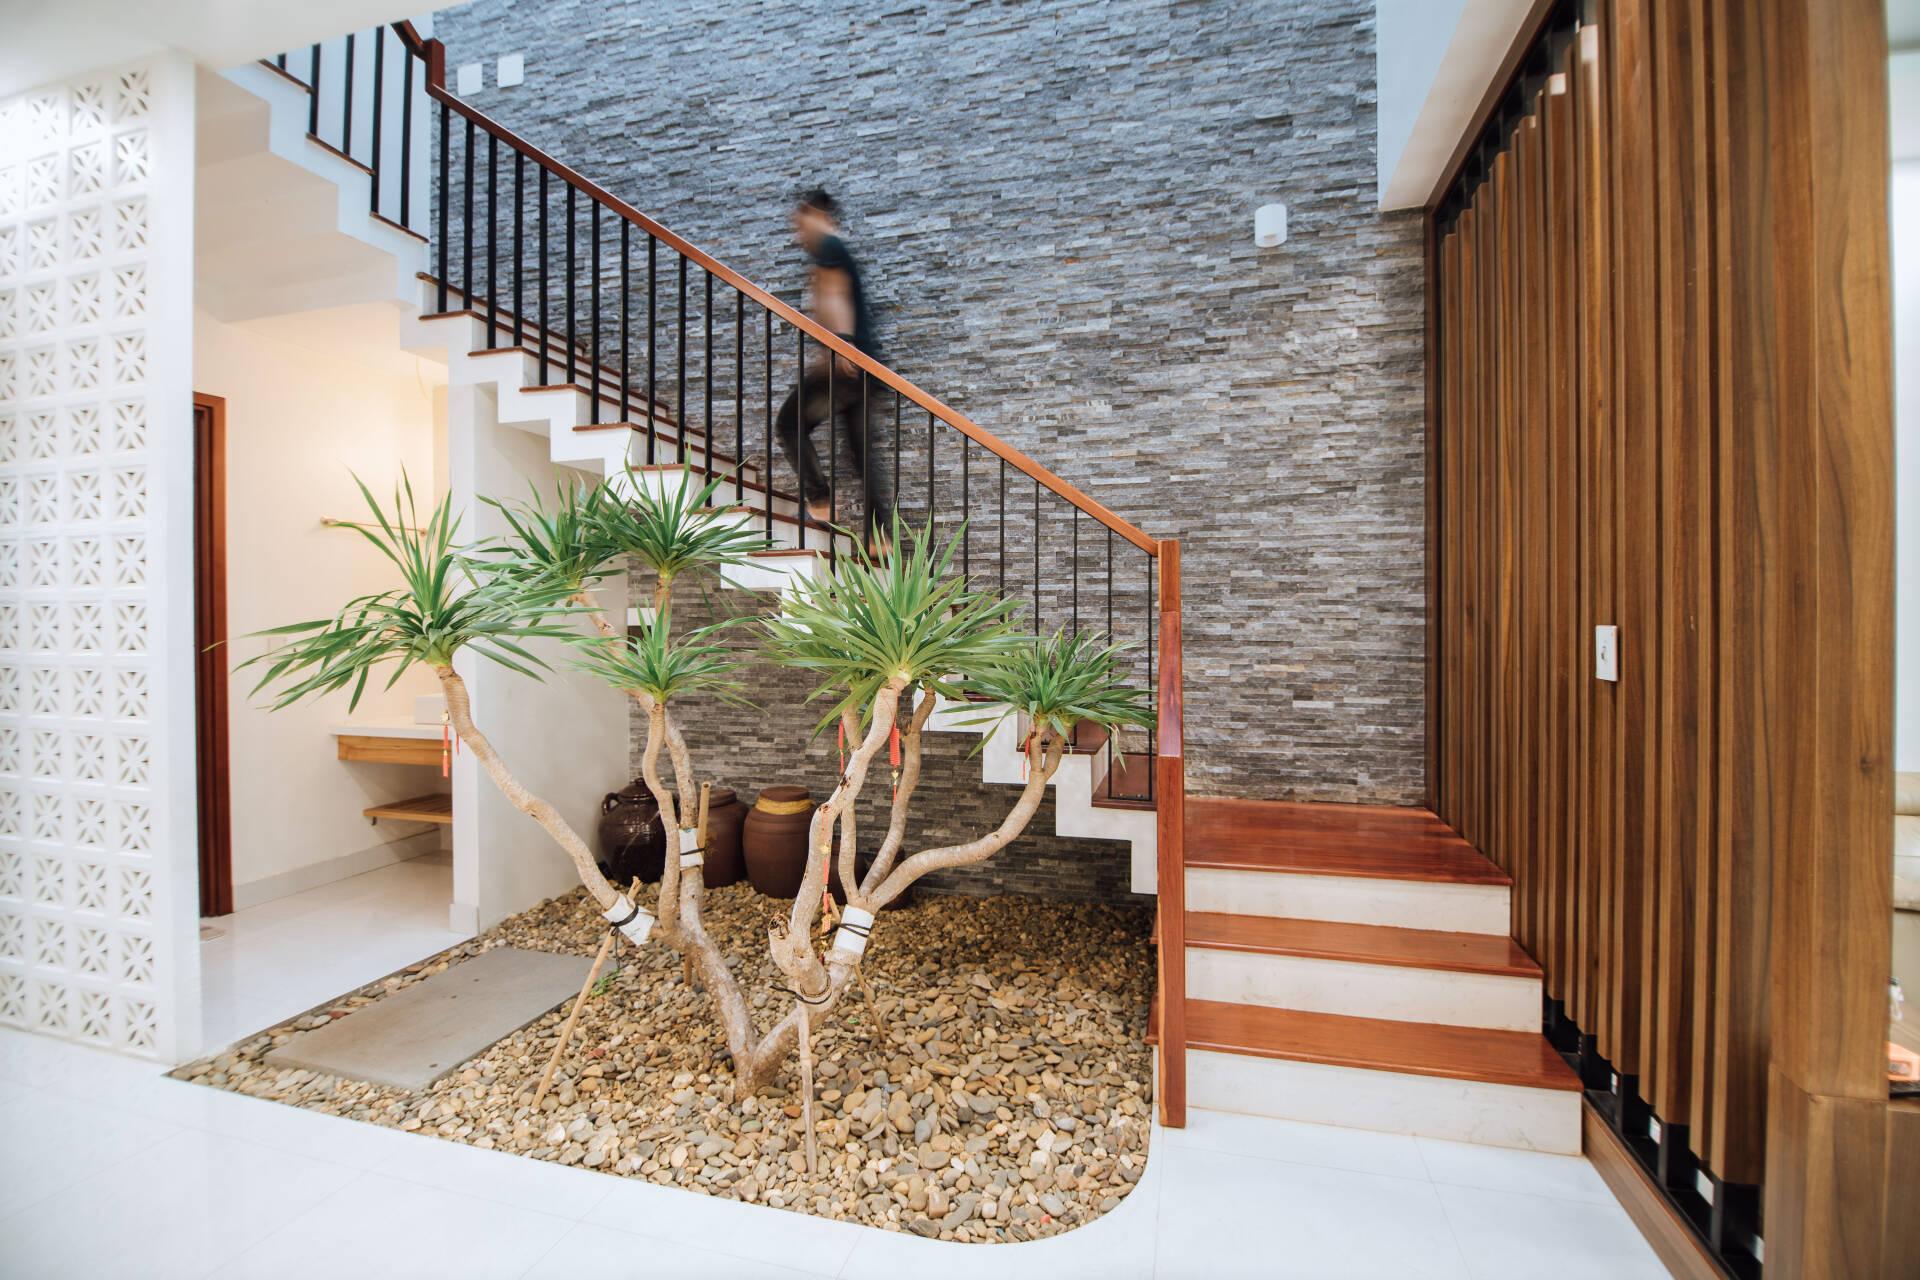 Cầu thang dẫn lên tầng 2, bao gồm phòng ngủ của con, phòng kho, khu vực thờ cúng...